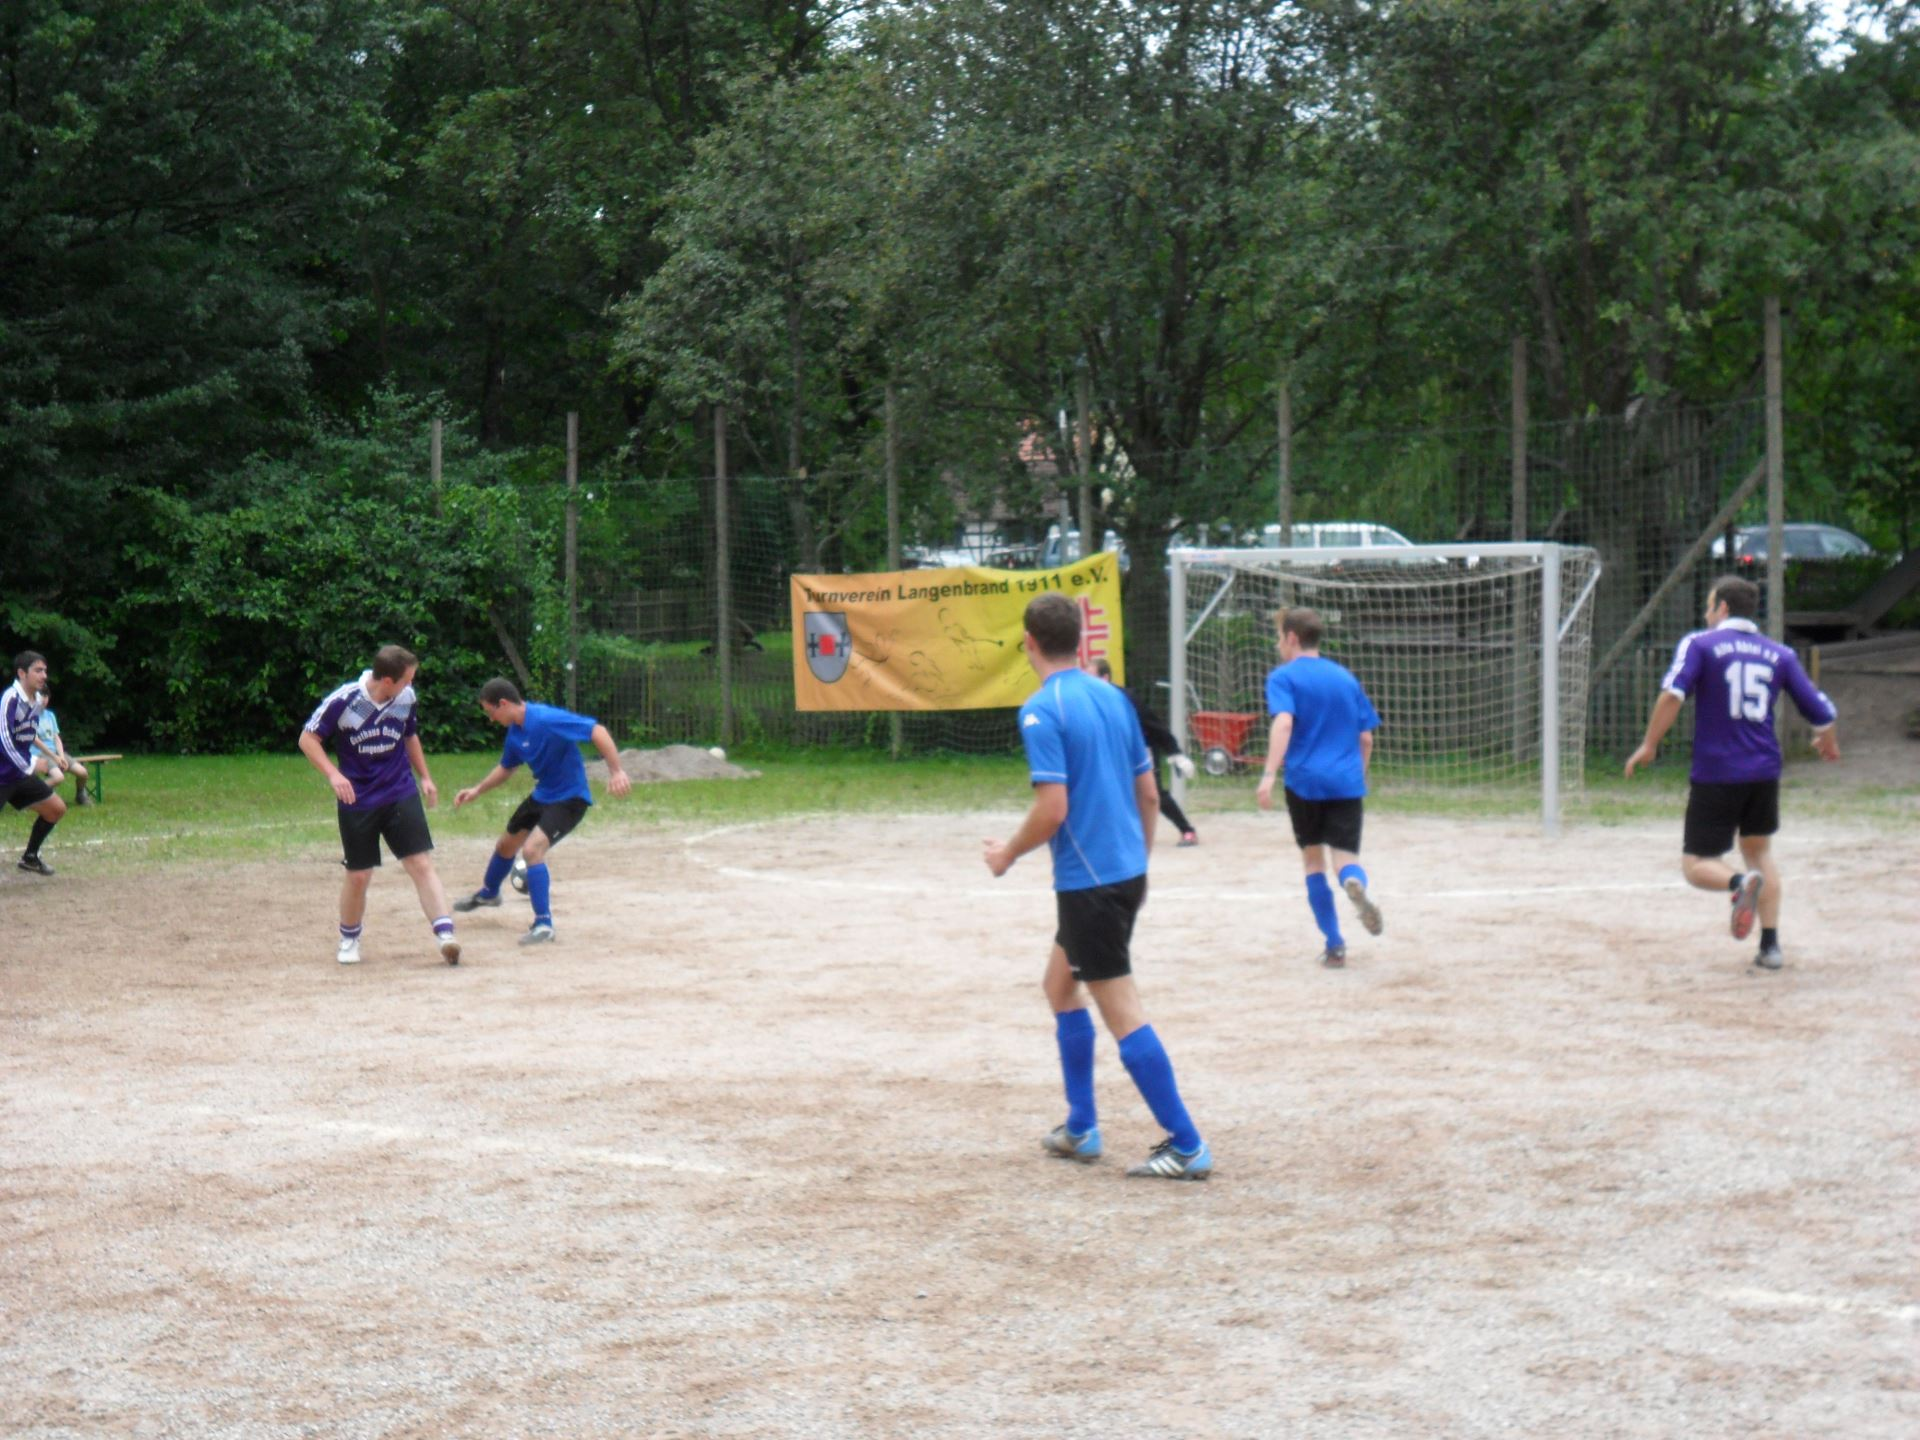 Gaudi-Fußballturnier auf dem Festplatz 2011 (09)